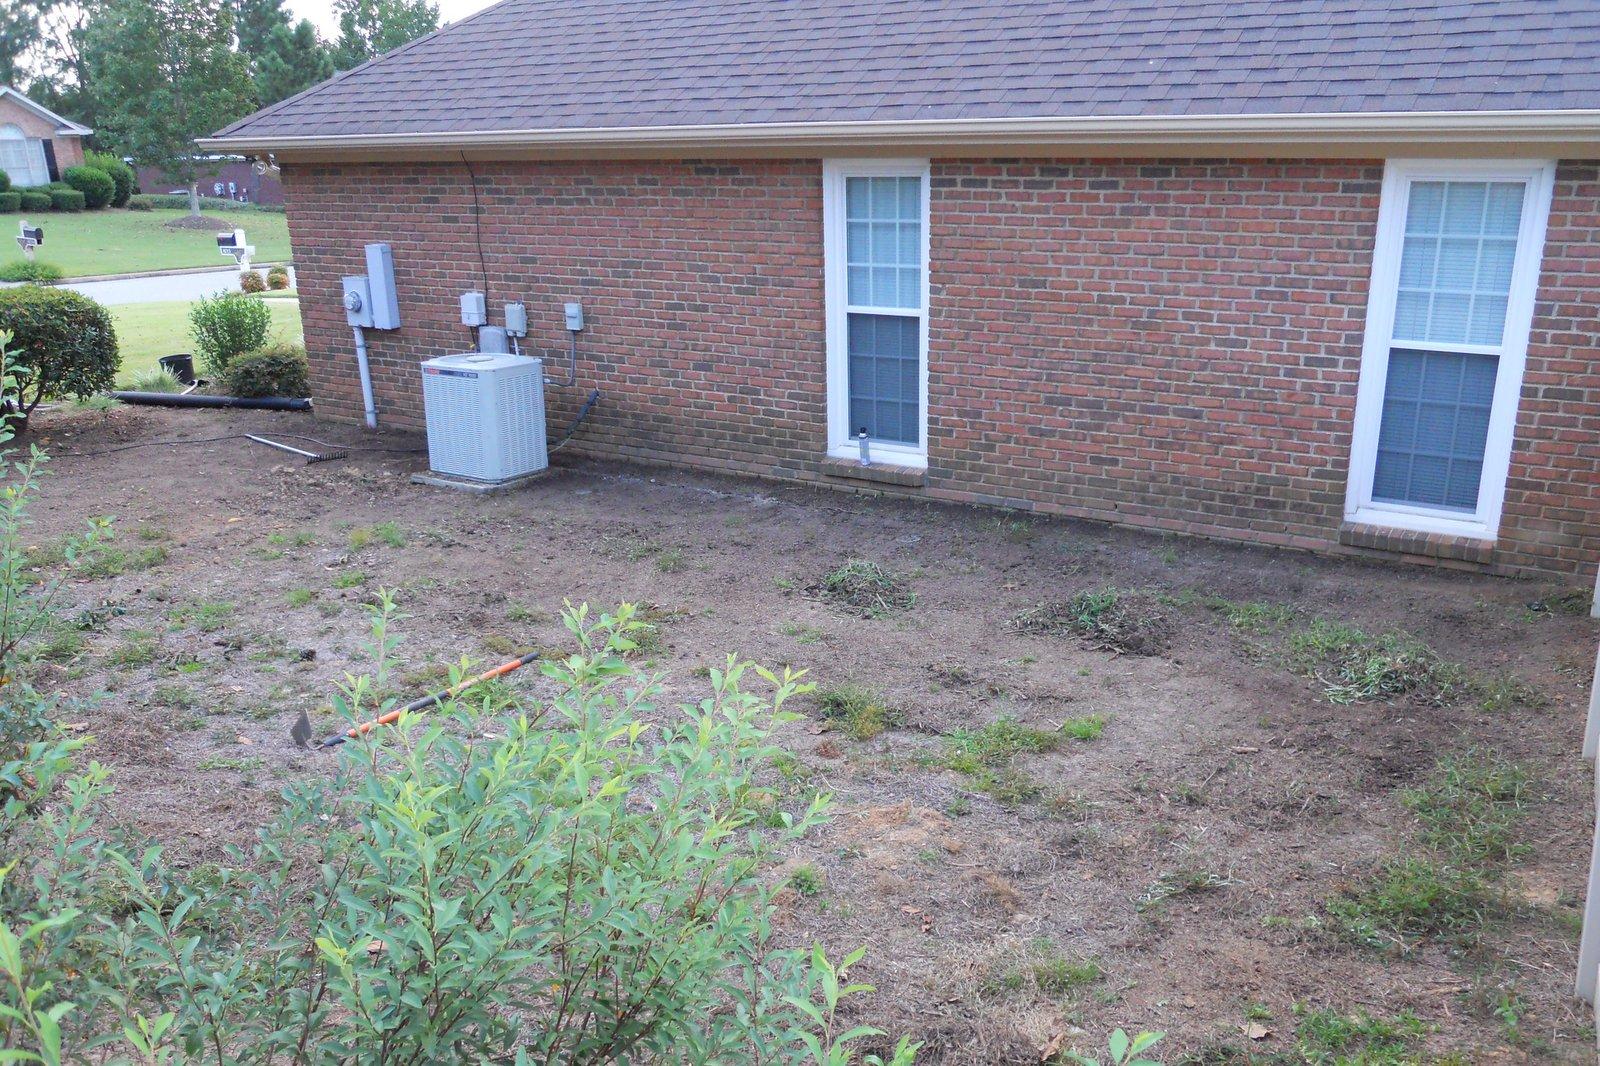 Georgia Home Garden: Moving the Georgia Home Garden - Part 1